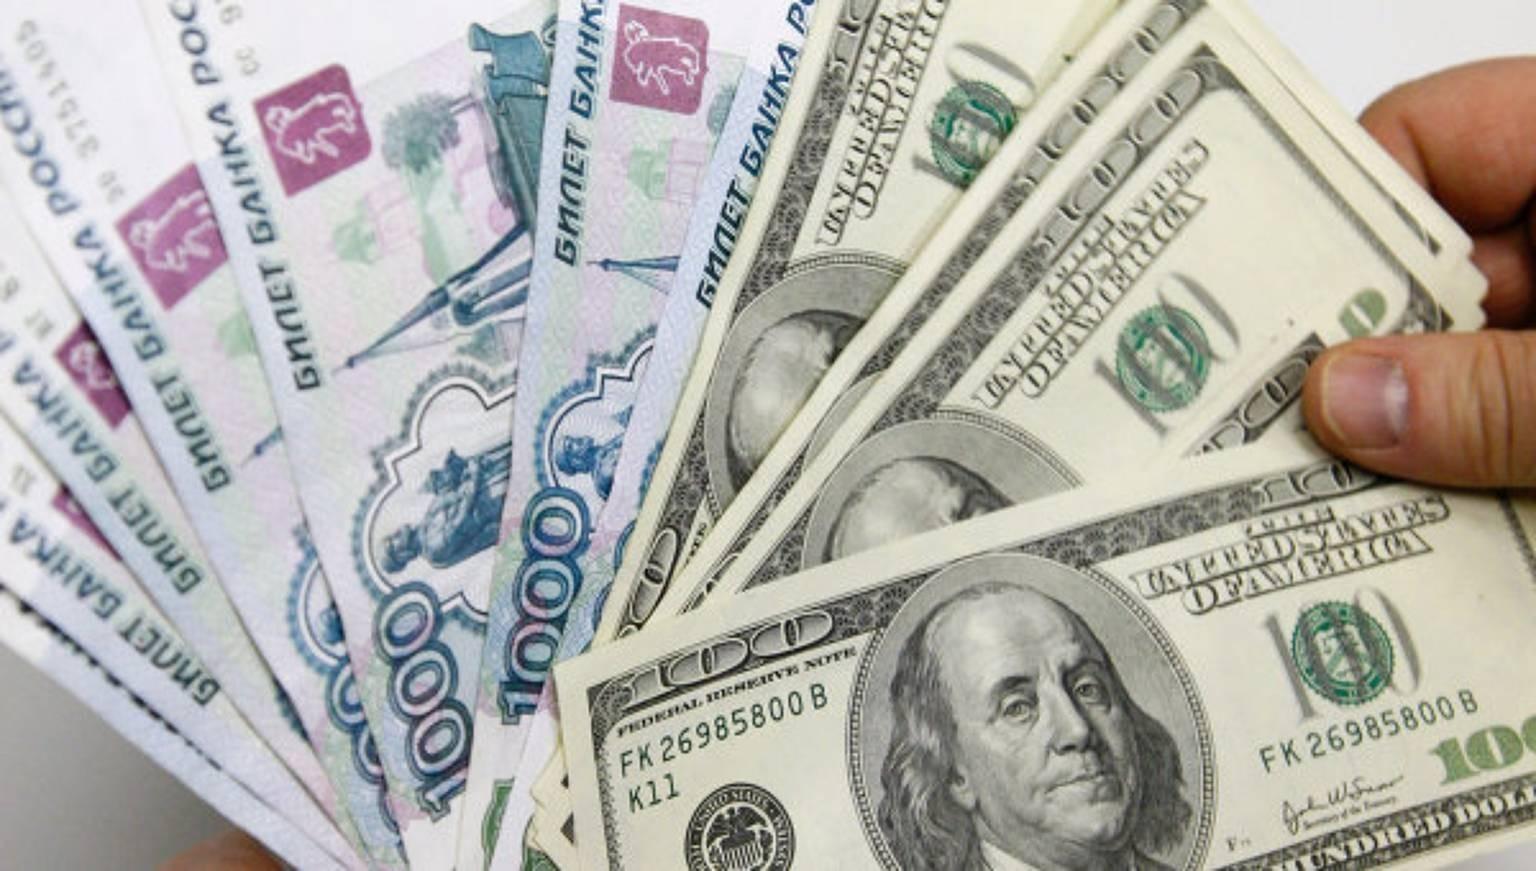 К концу августа курс доллара в России может вырасти до 68-70 рублей